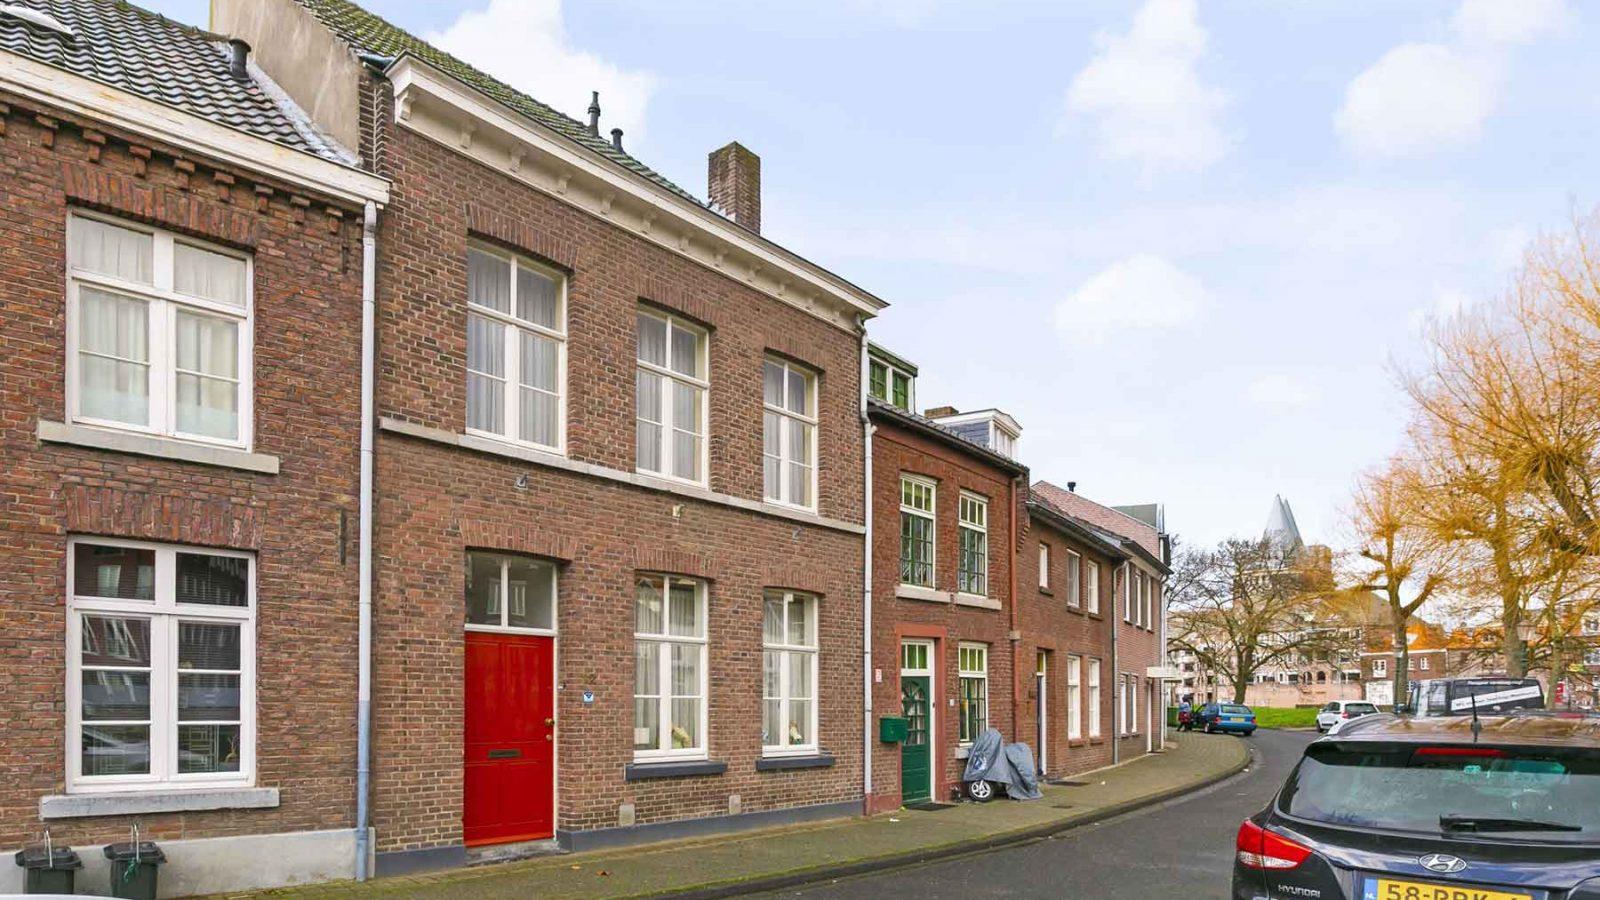 Vismarkt12Roermond-06-scaled